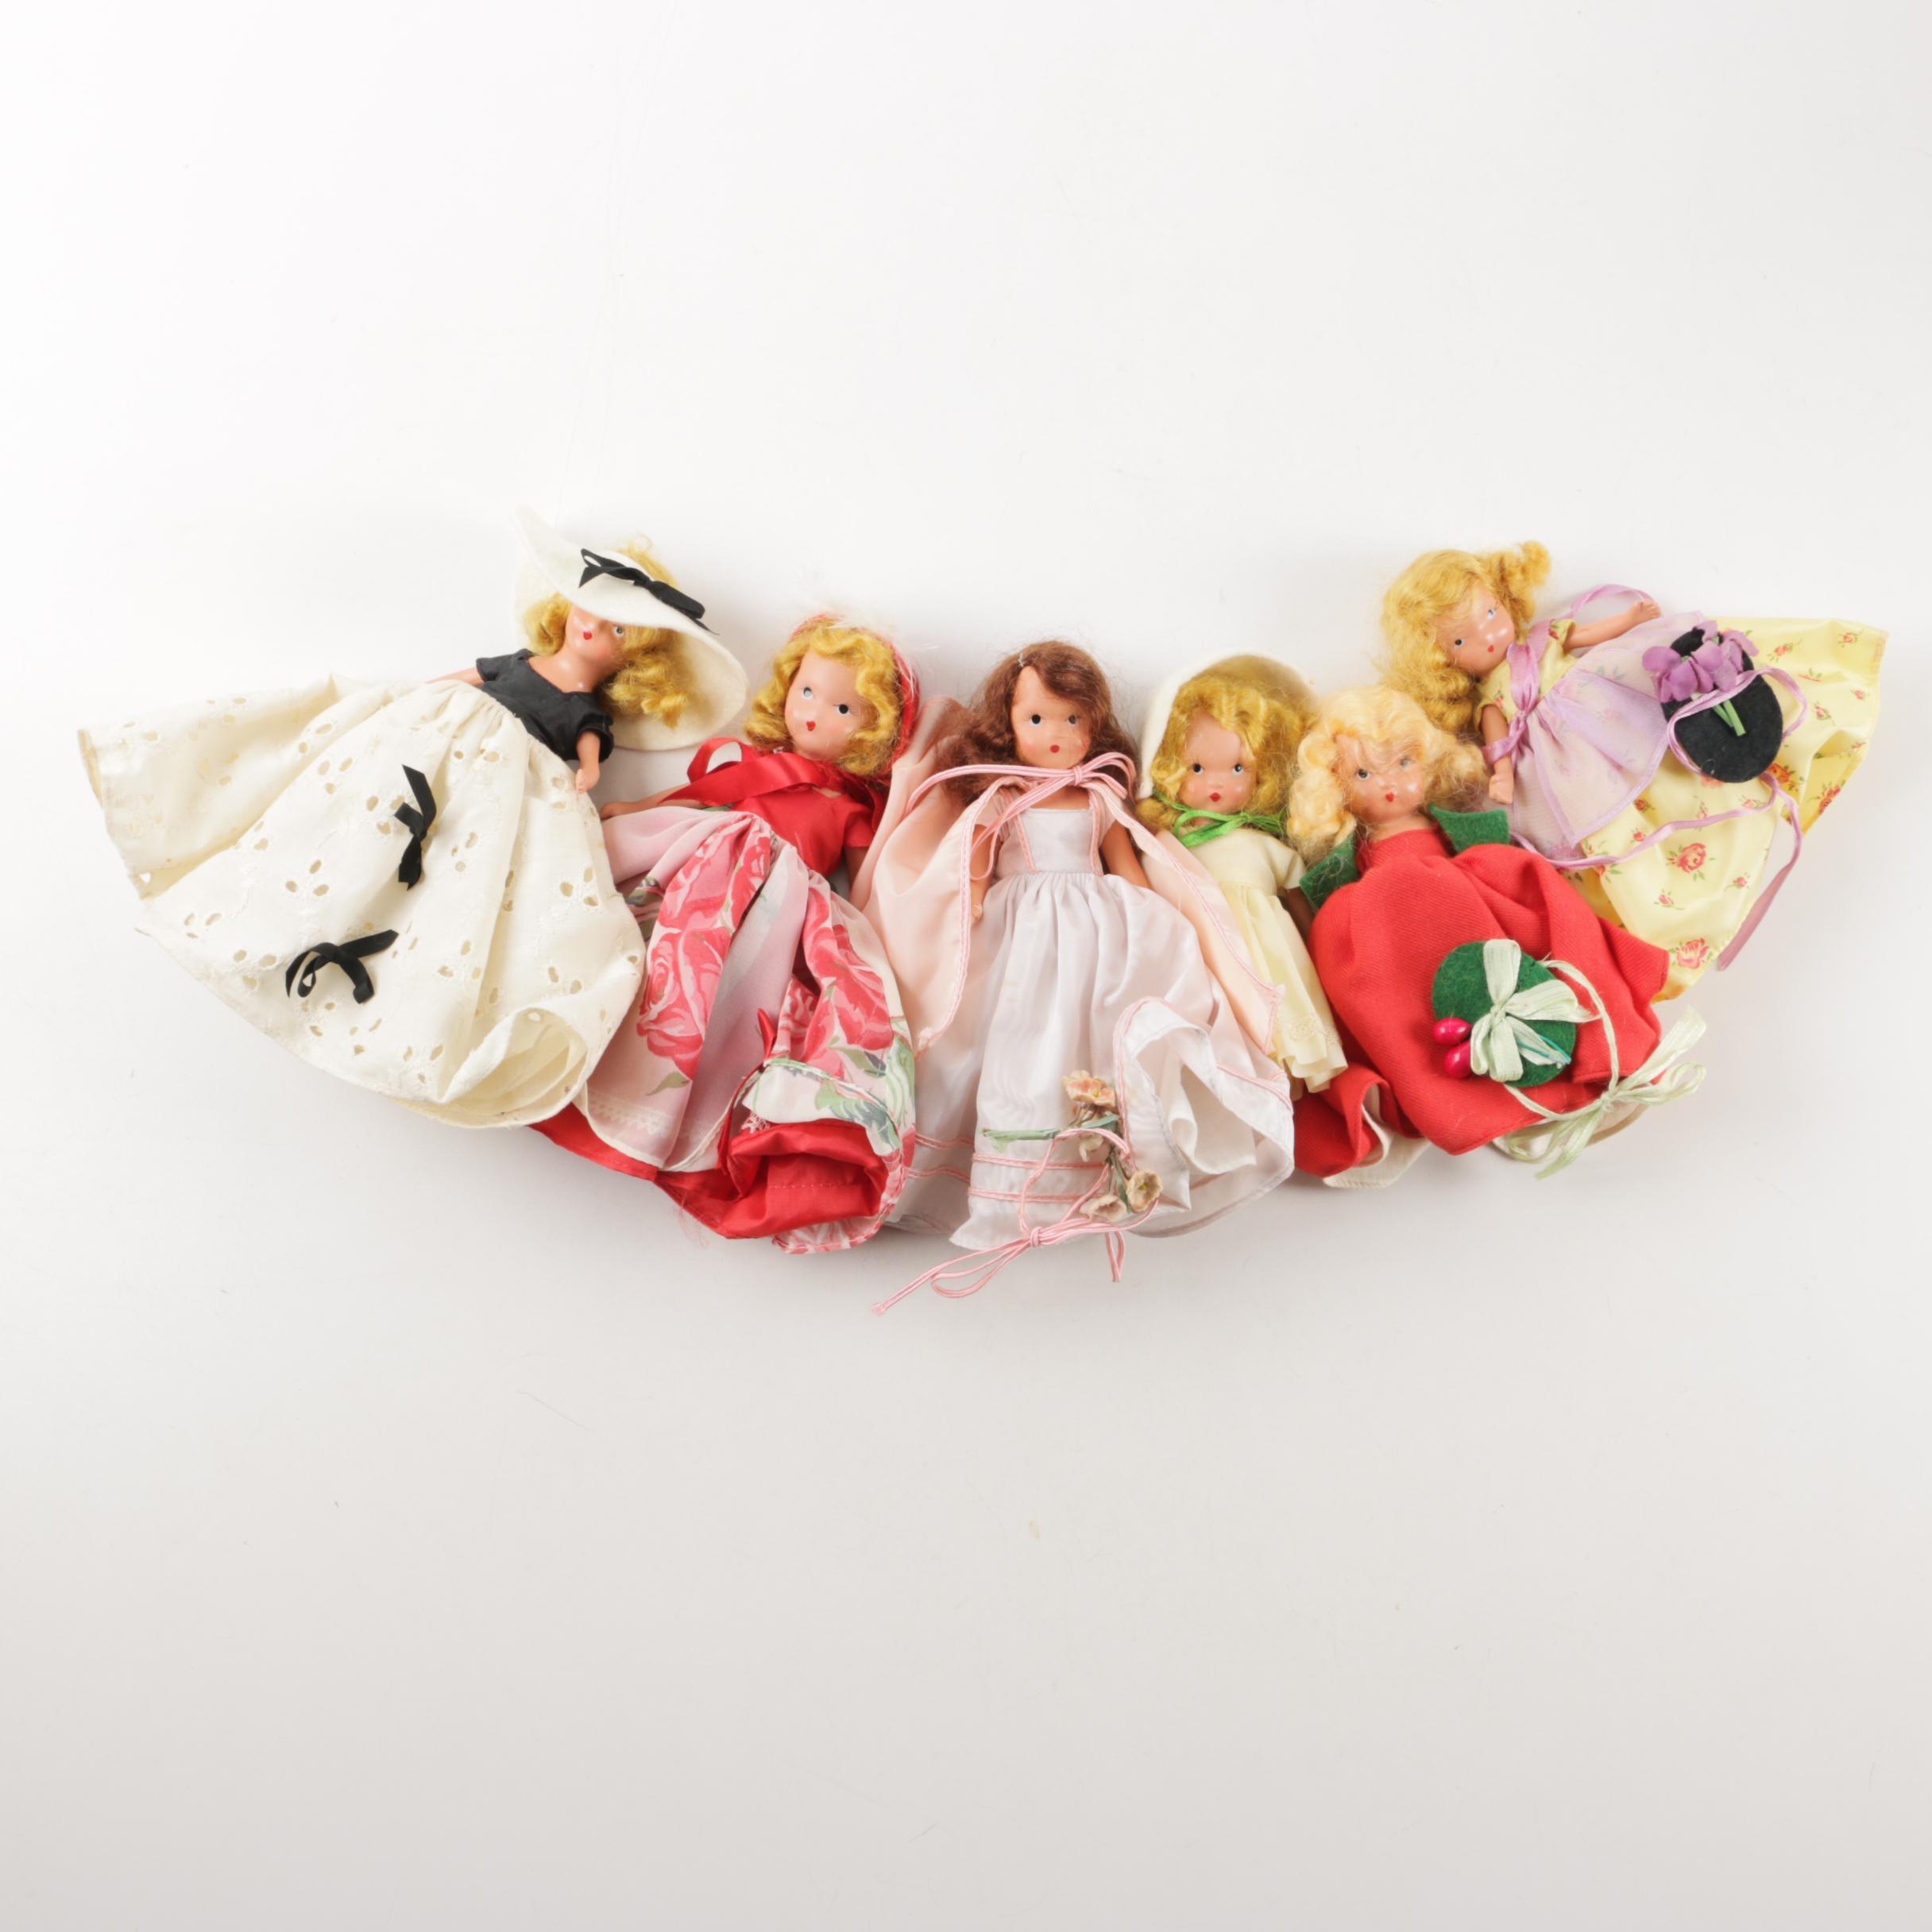 Nancy Ann Dolls